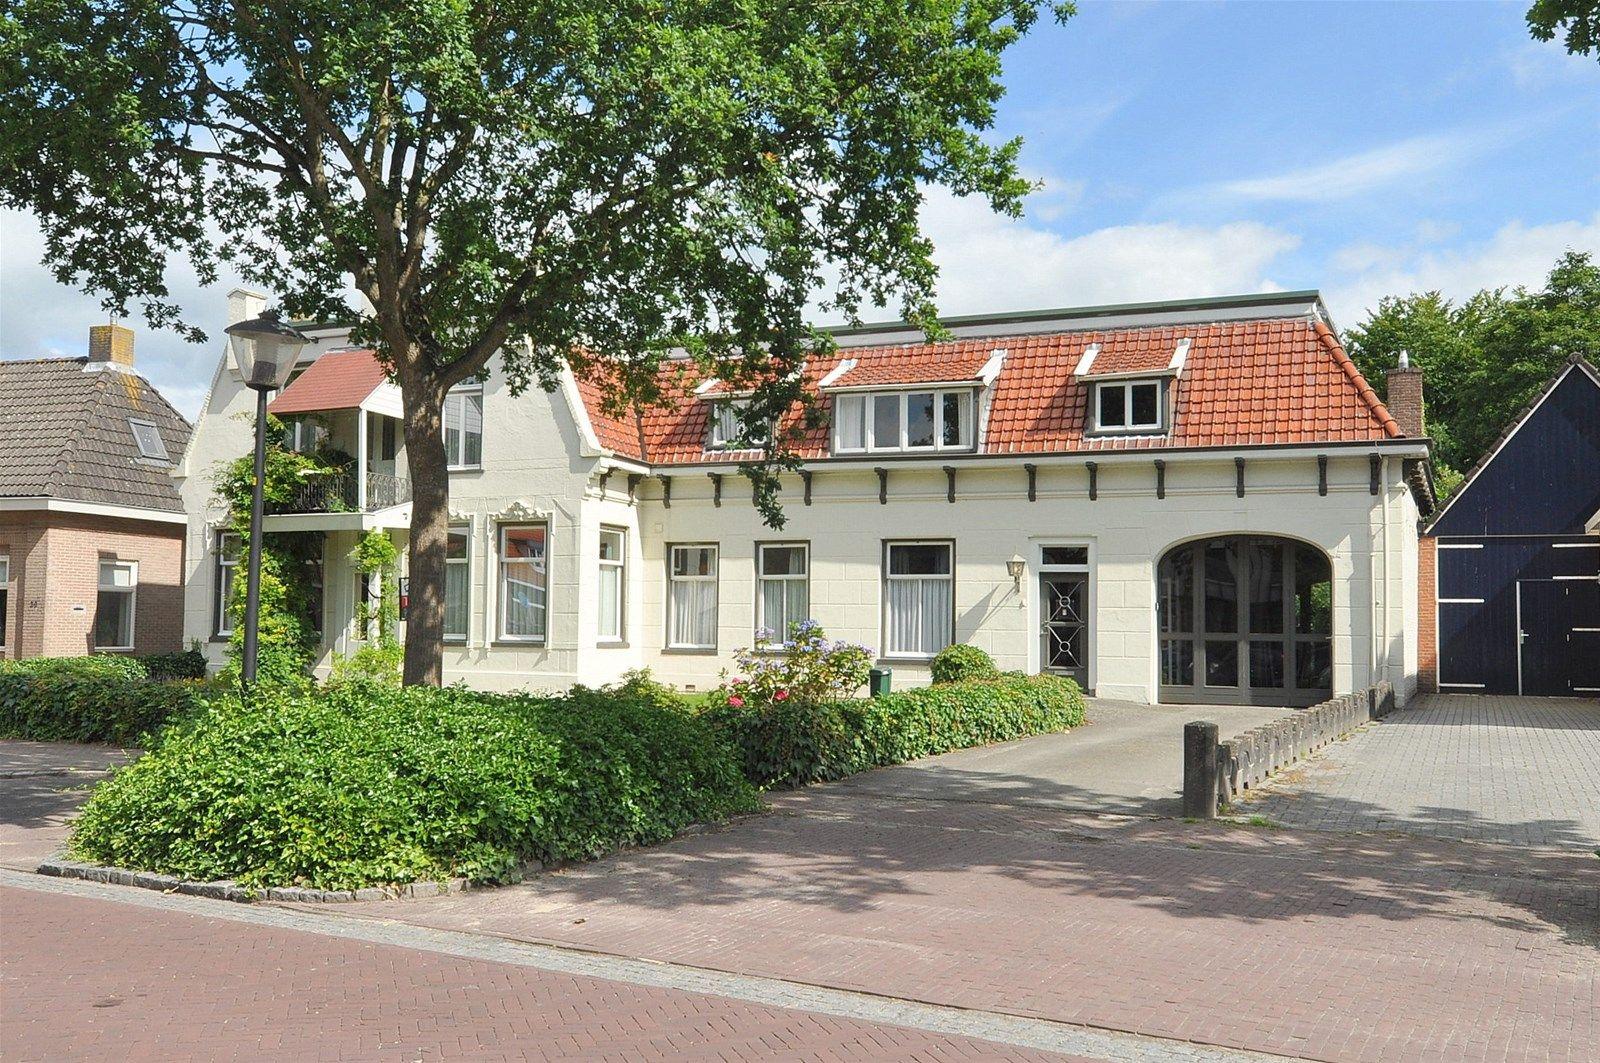 Dorpsstraat 43, De Wijk